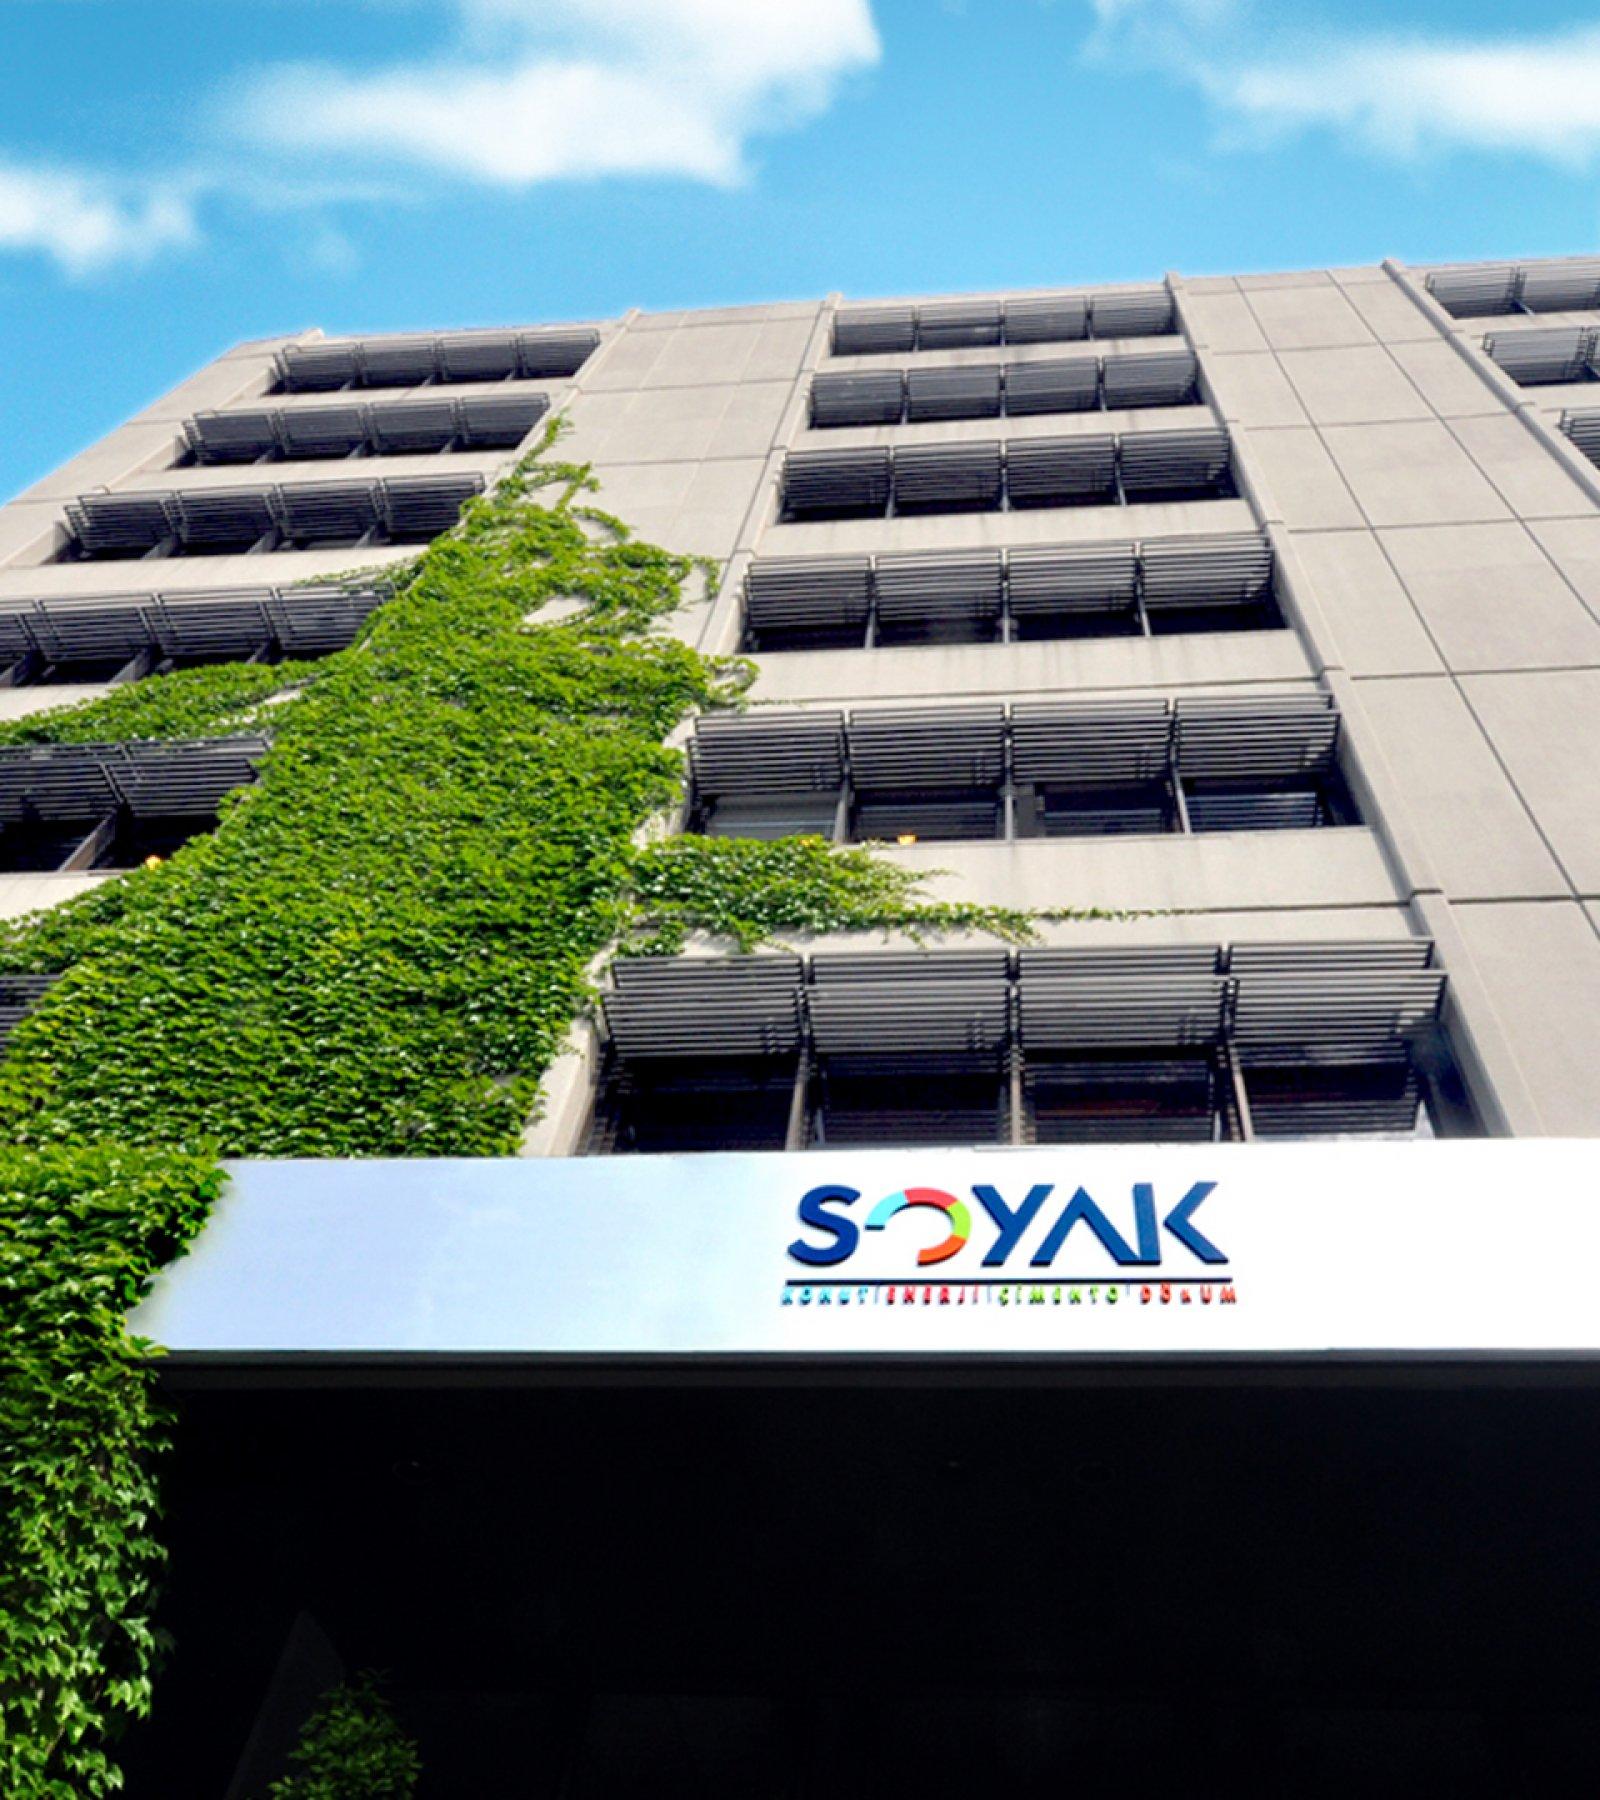 Soyak Holding Adahan Merkezi